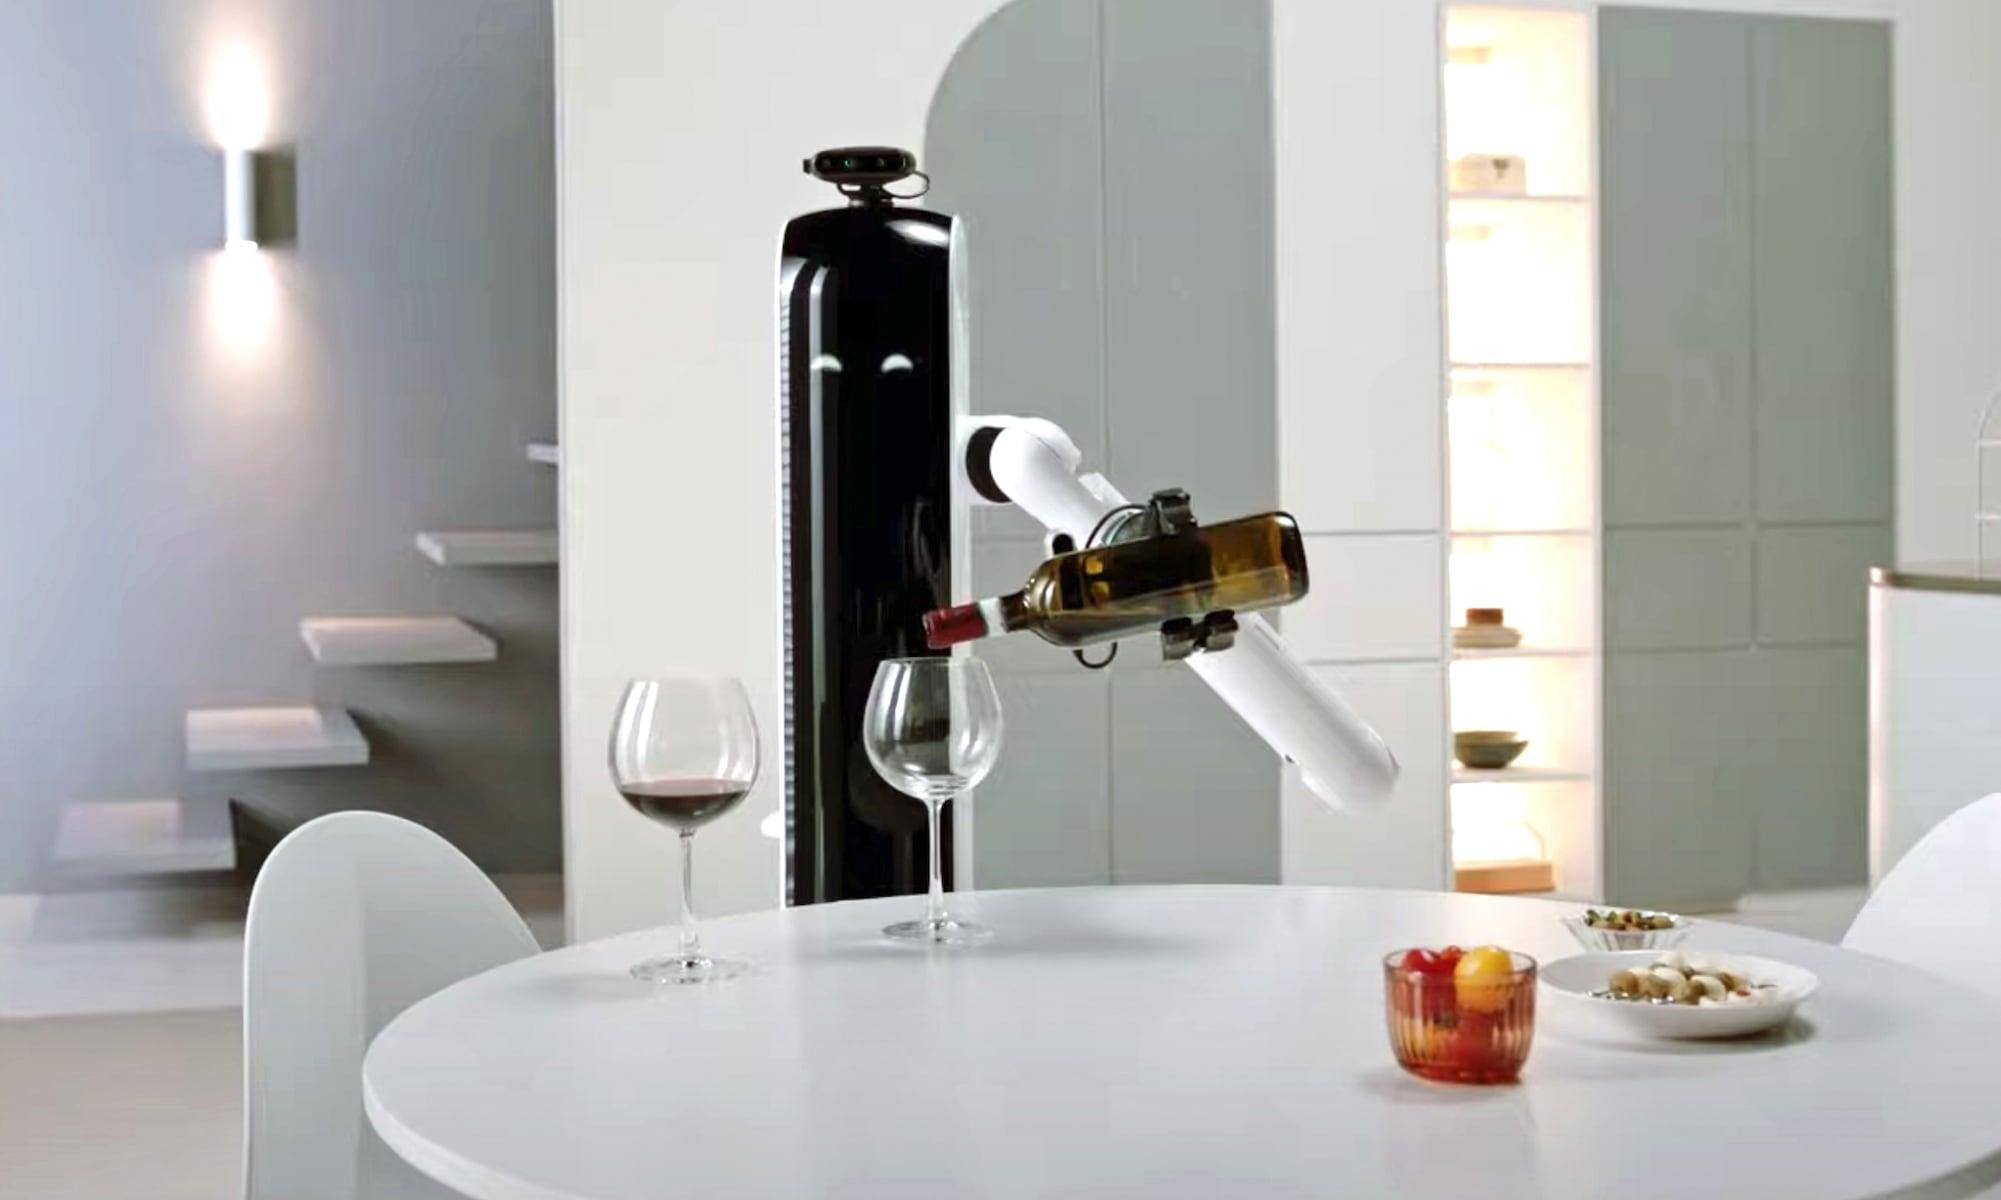 Samsung Bot Handy serving wine